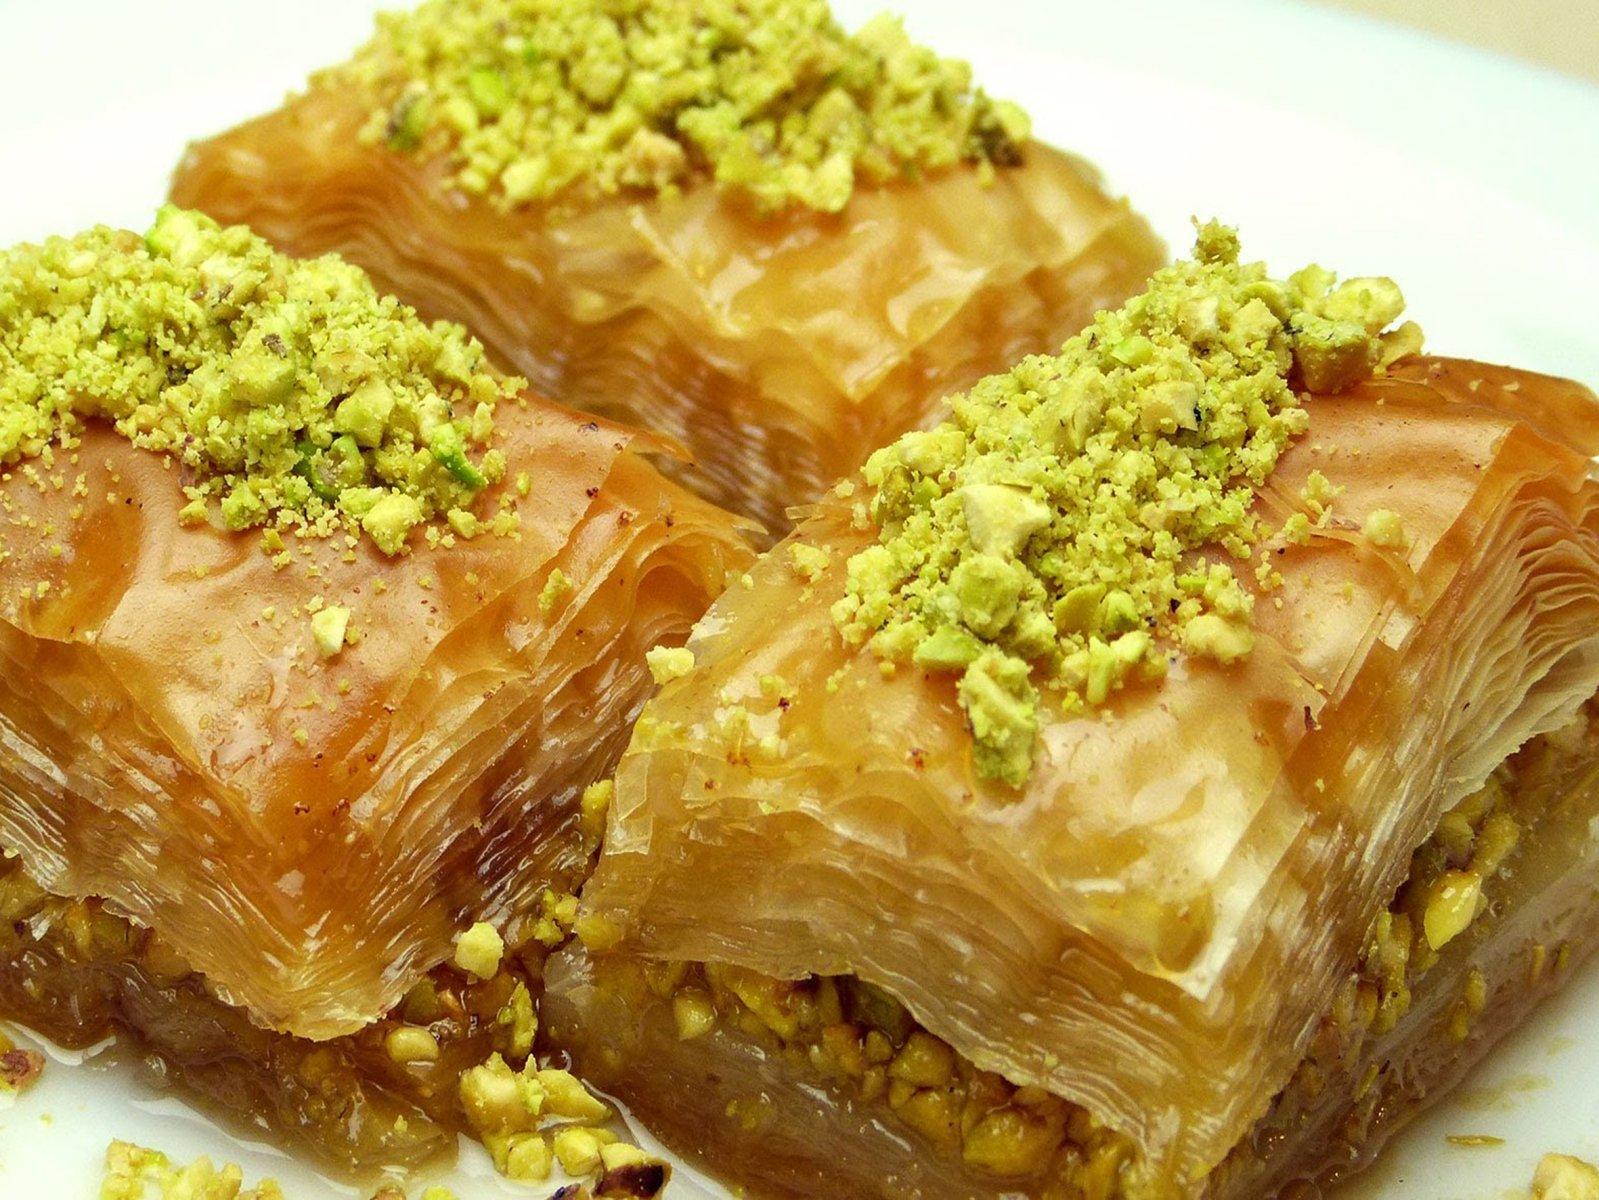 пока пахлава арабская рецепт с фото уважаемый округе кузнец